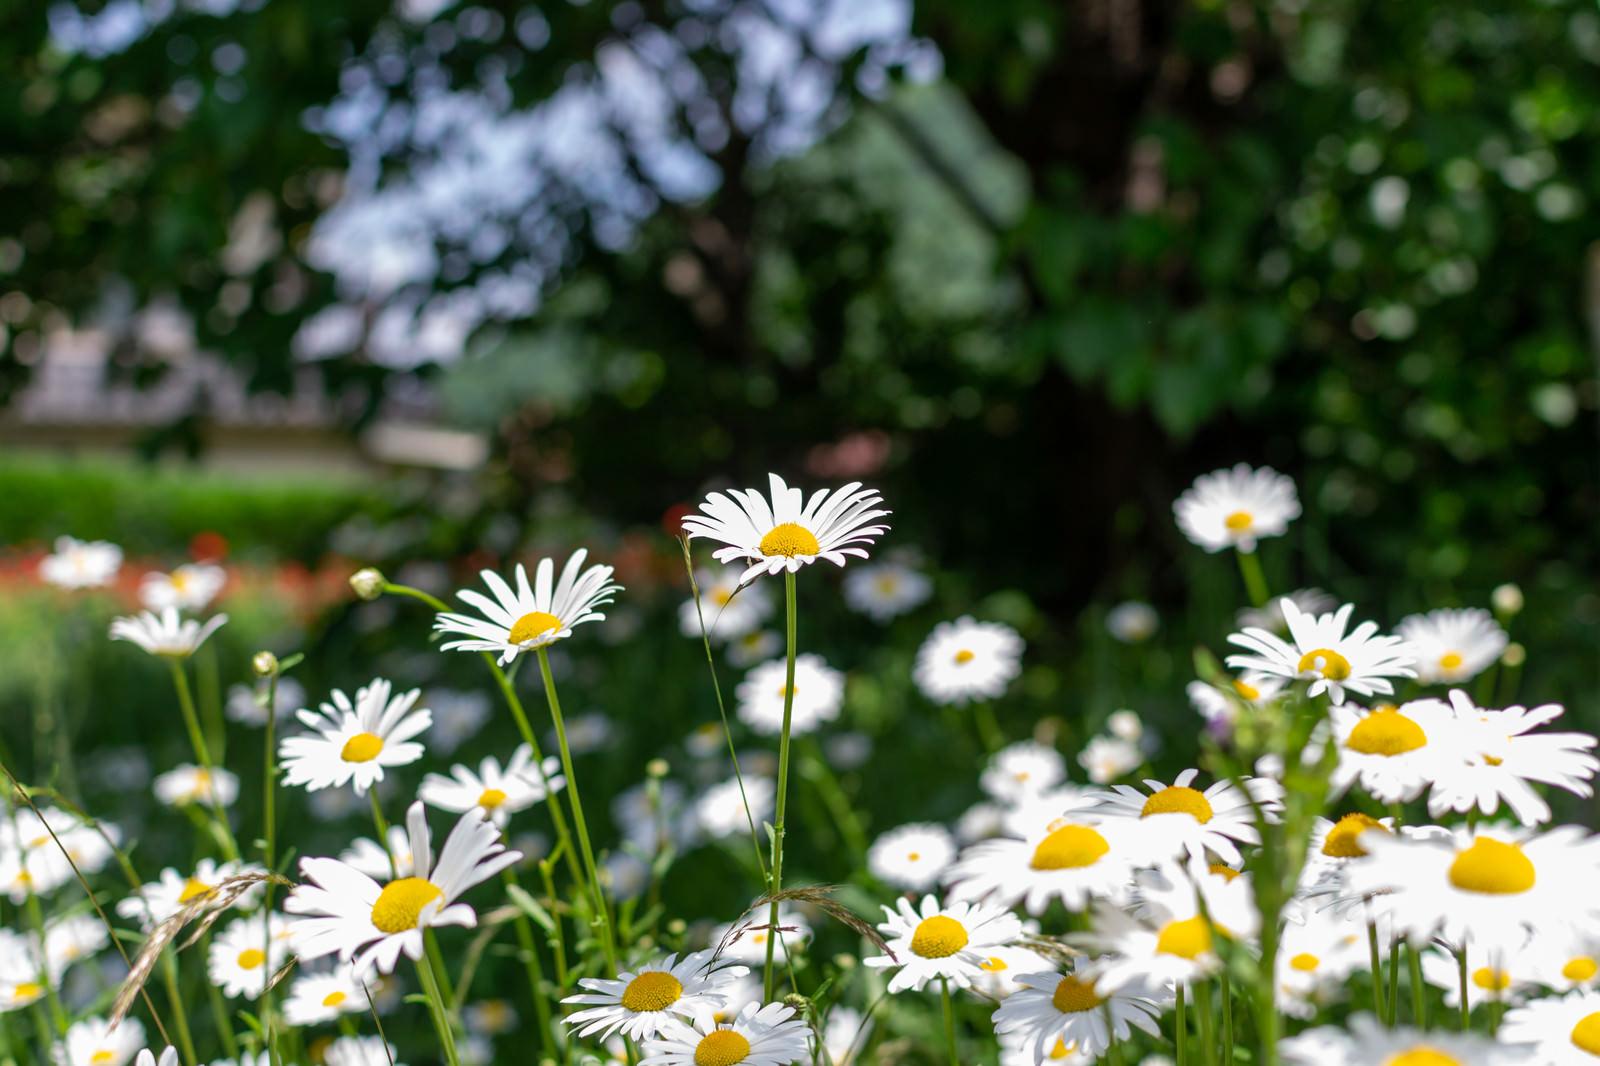 「野生の白い花(春の訪れ)」の写真